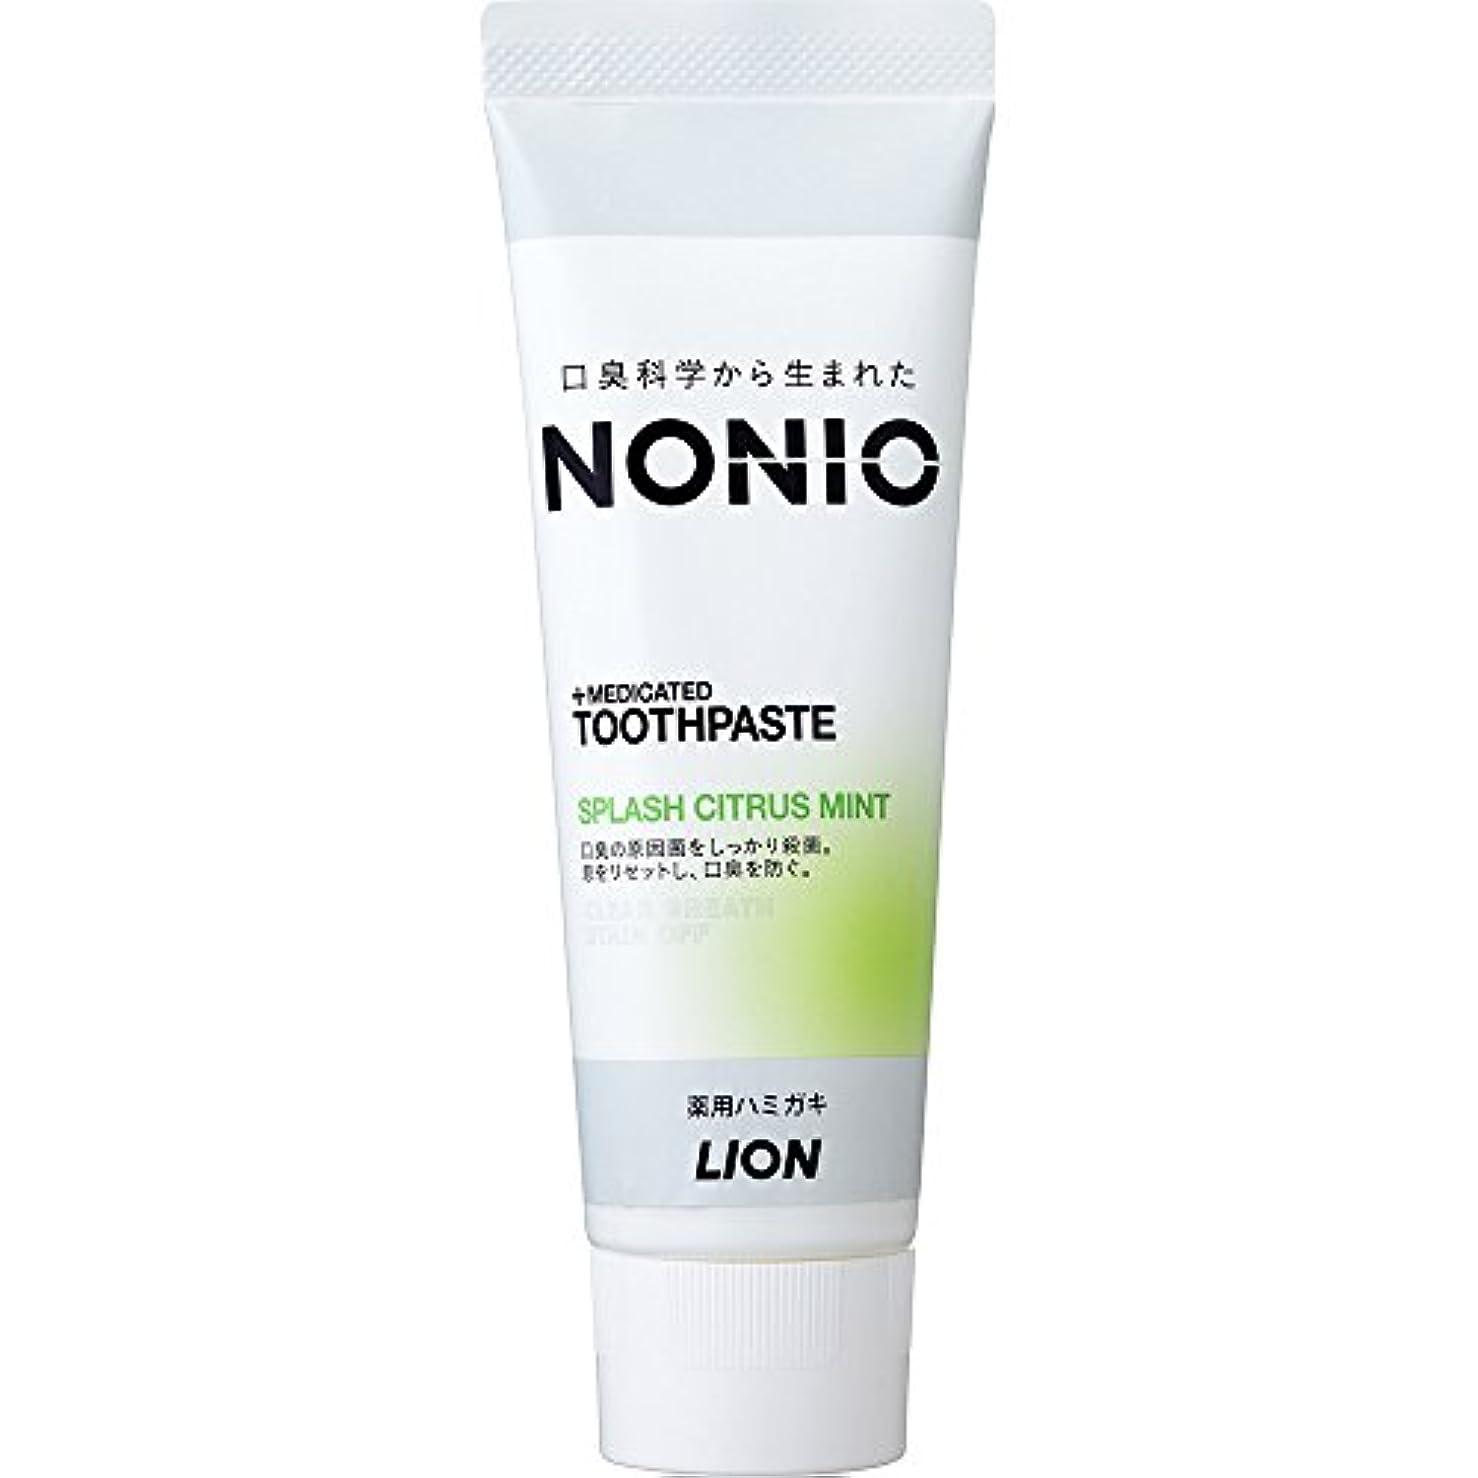 麦芽脚本合併症NONIO ハミガキ スプラッシュシトラスミント 130g (医薬部外品)